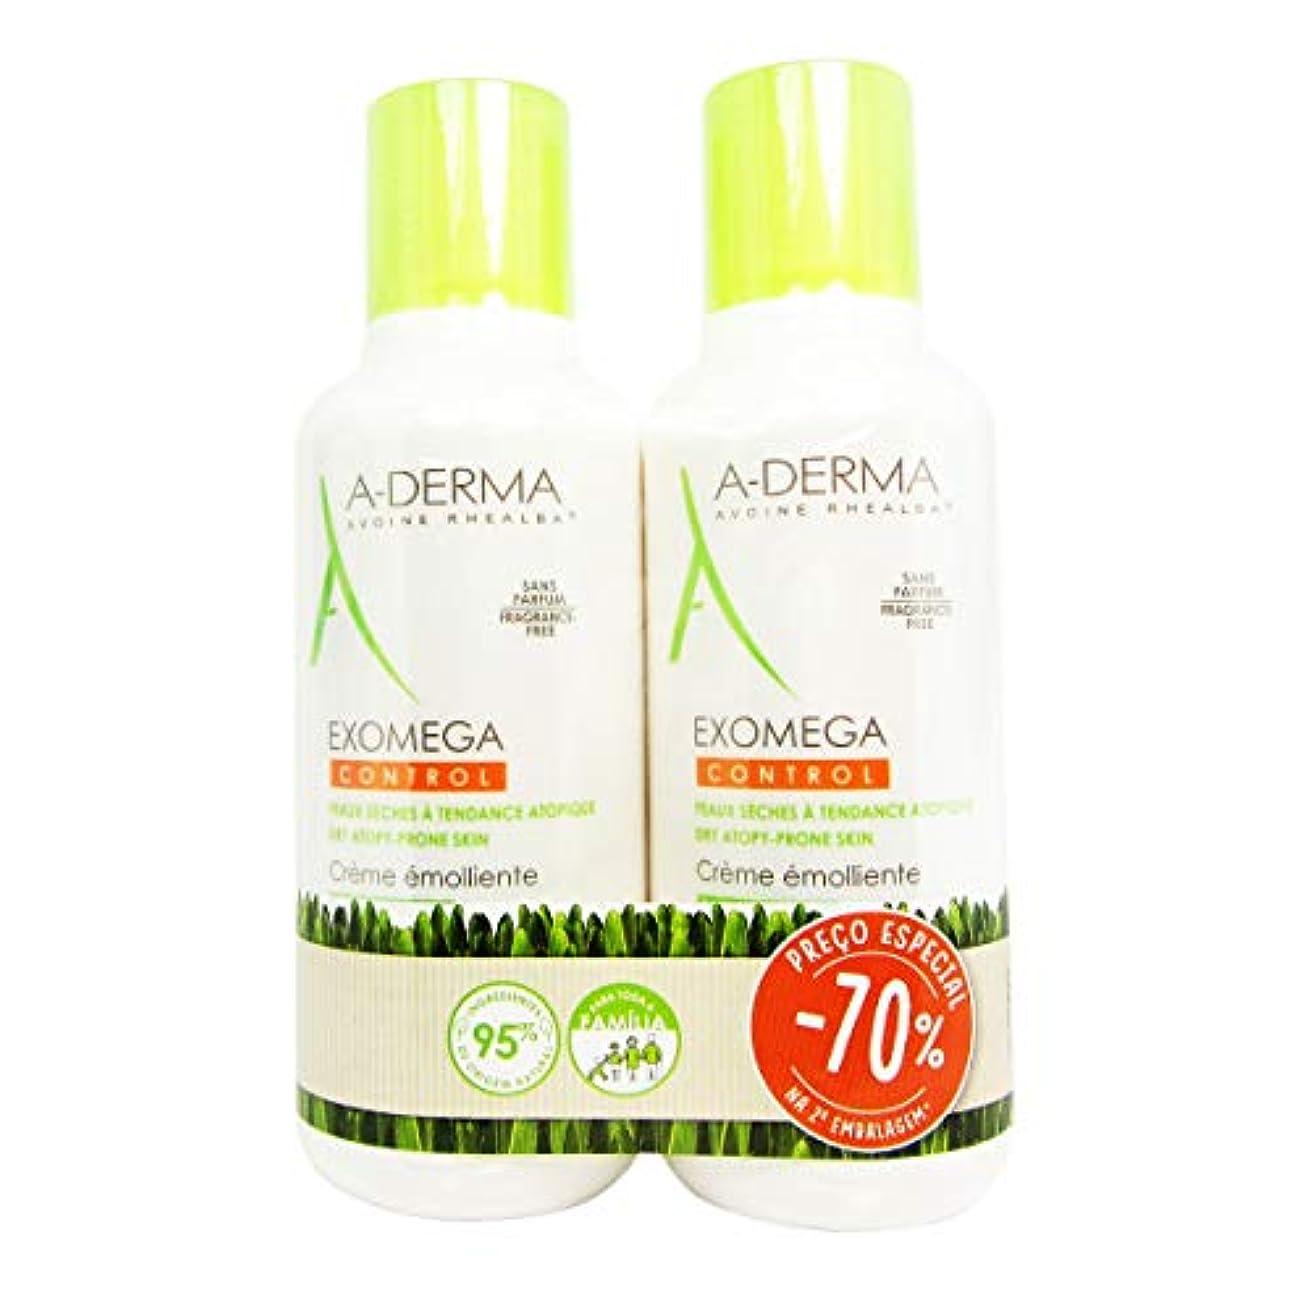 意識対応する笑A-Derma Exomega Control Emollient Cream 400mlx2